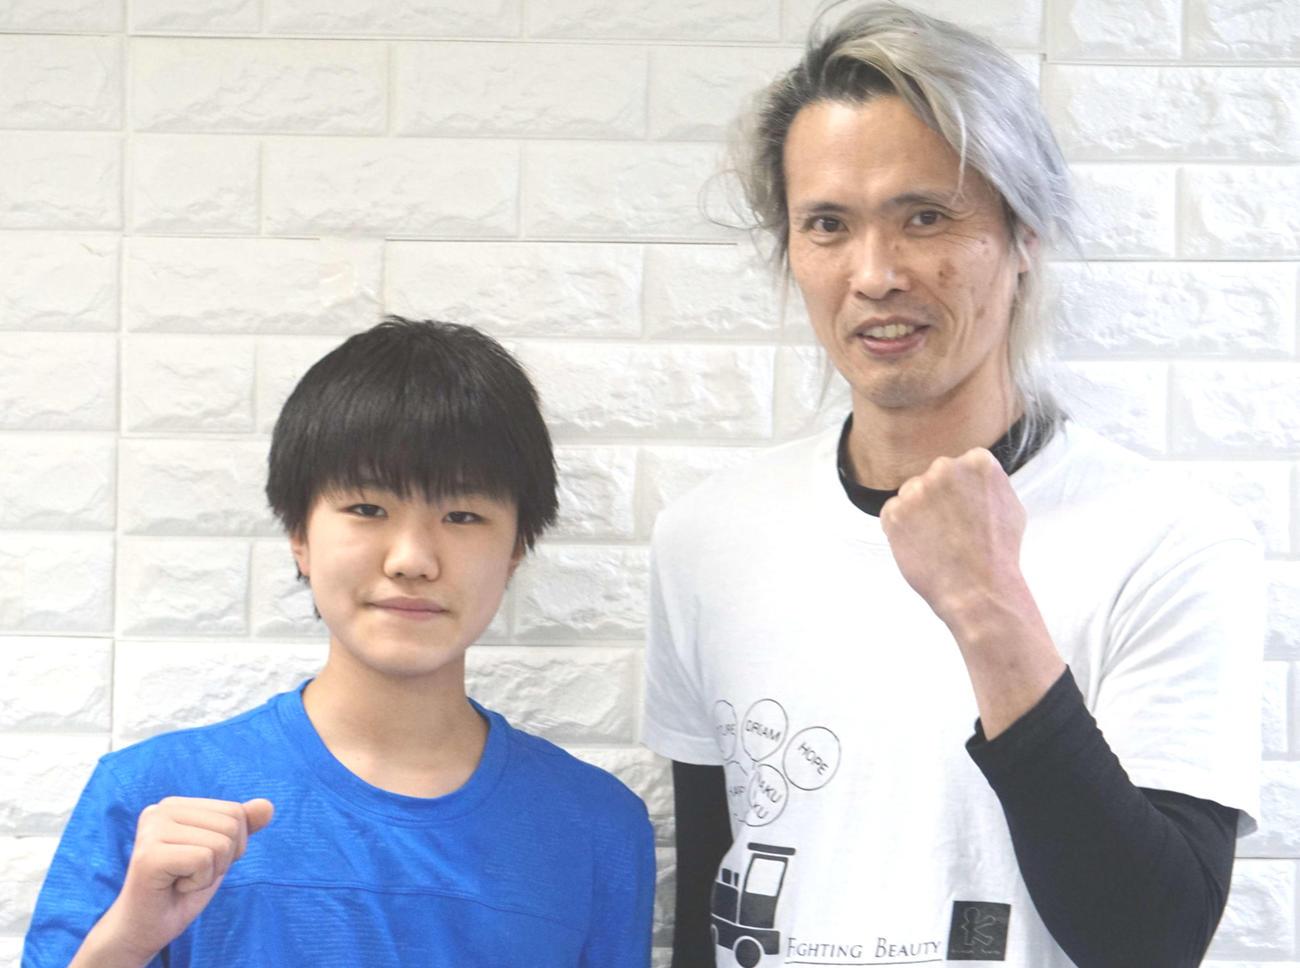 昨年からバク転にチャレンジする小林君(左)、伊東トレーナー